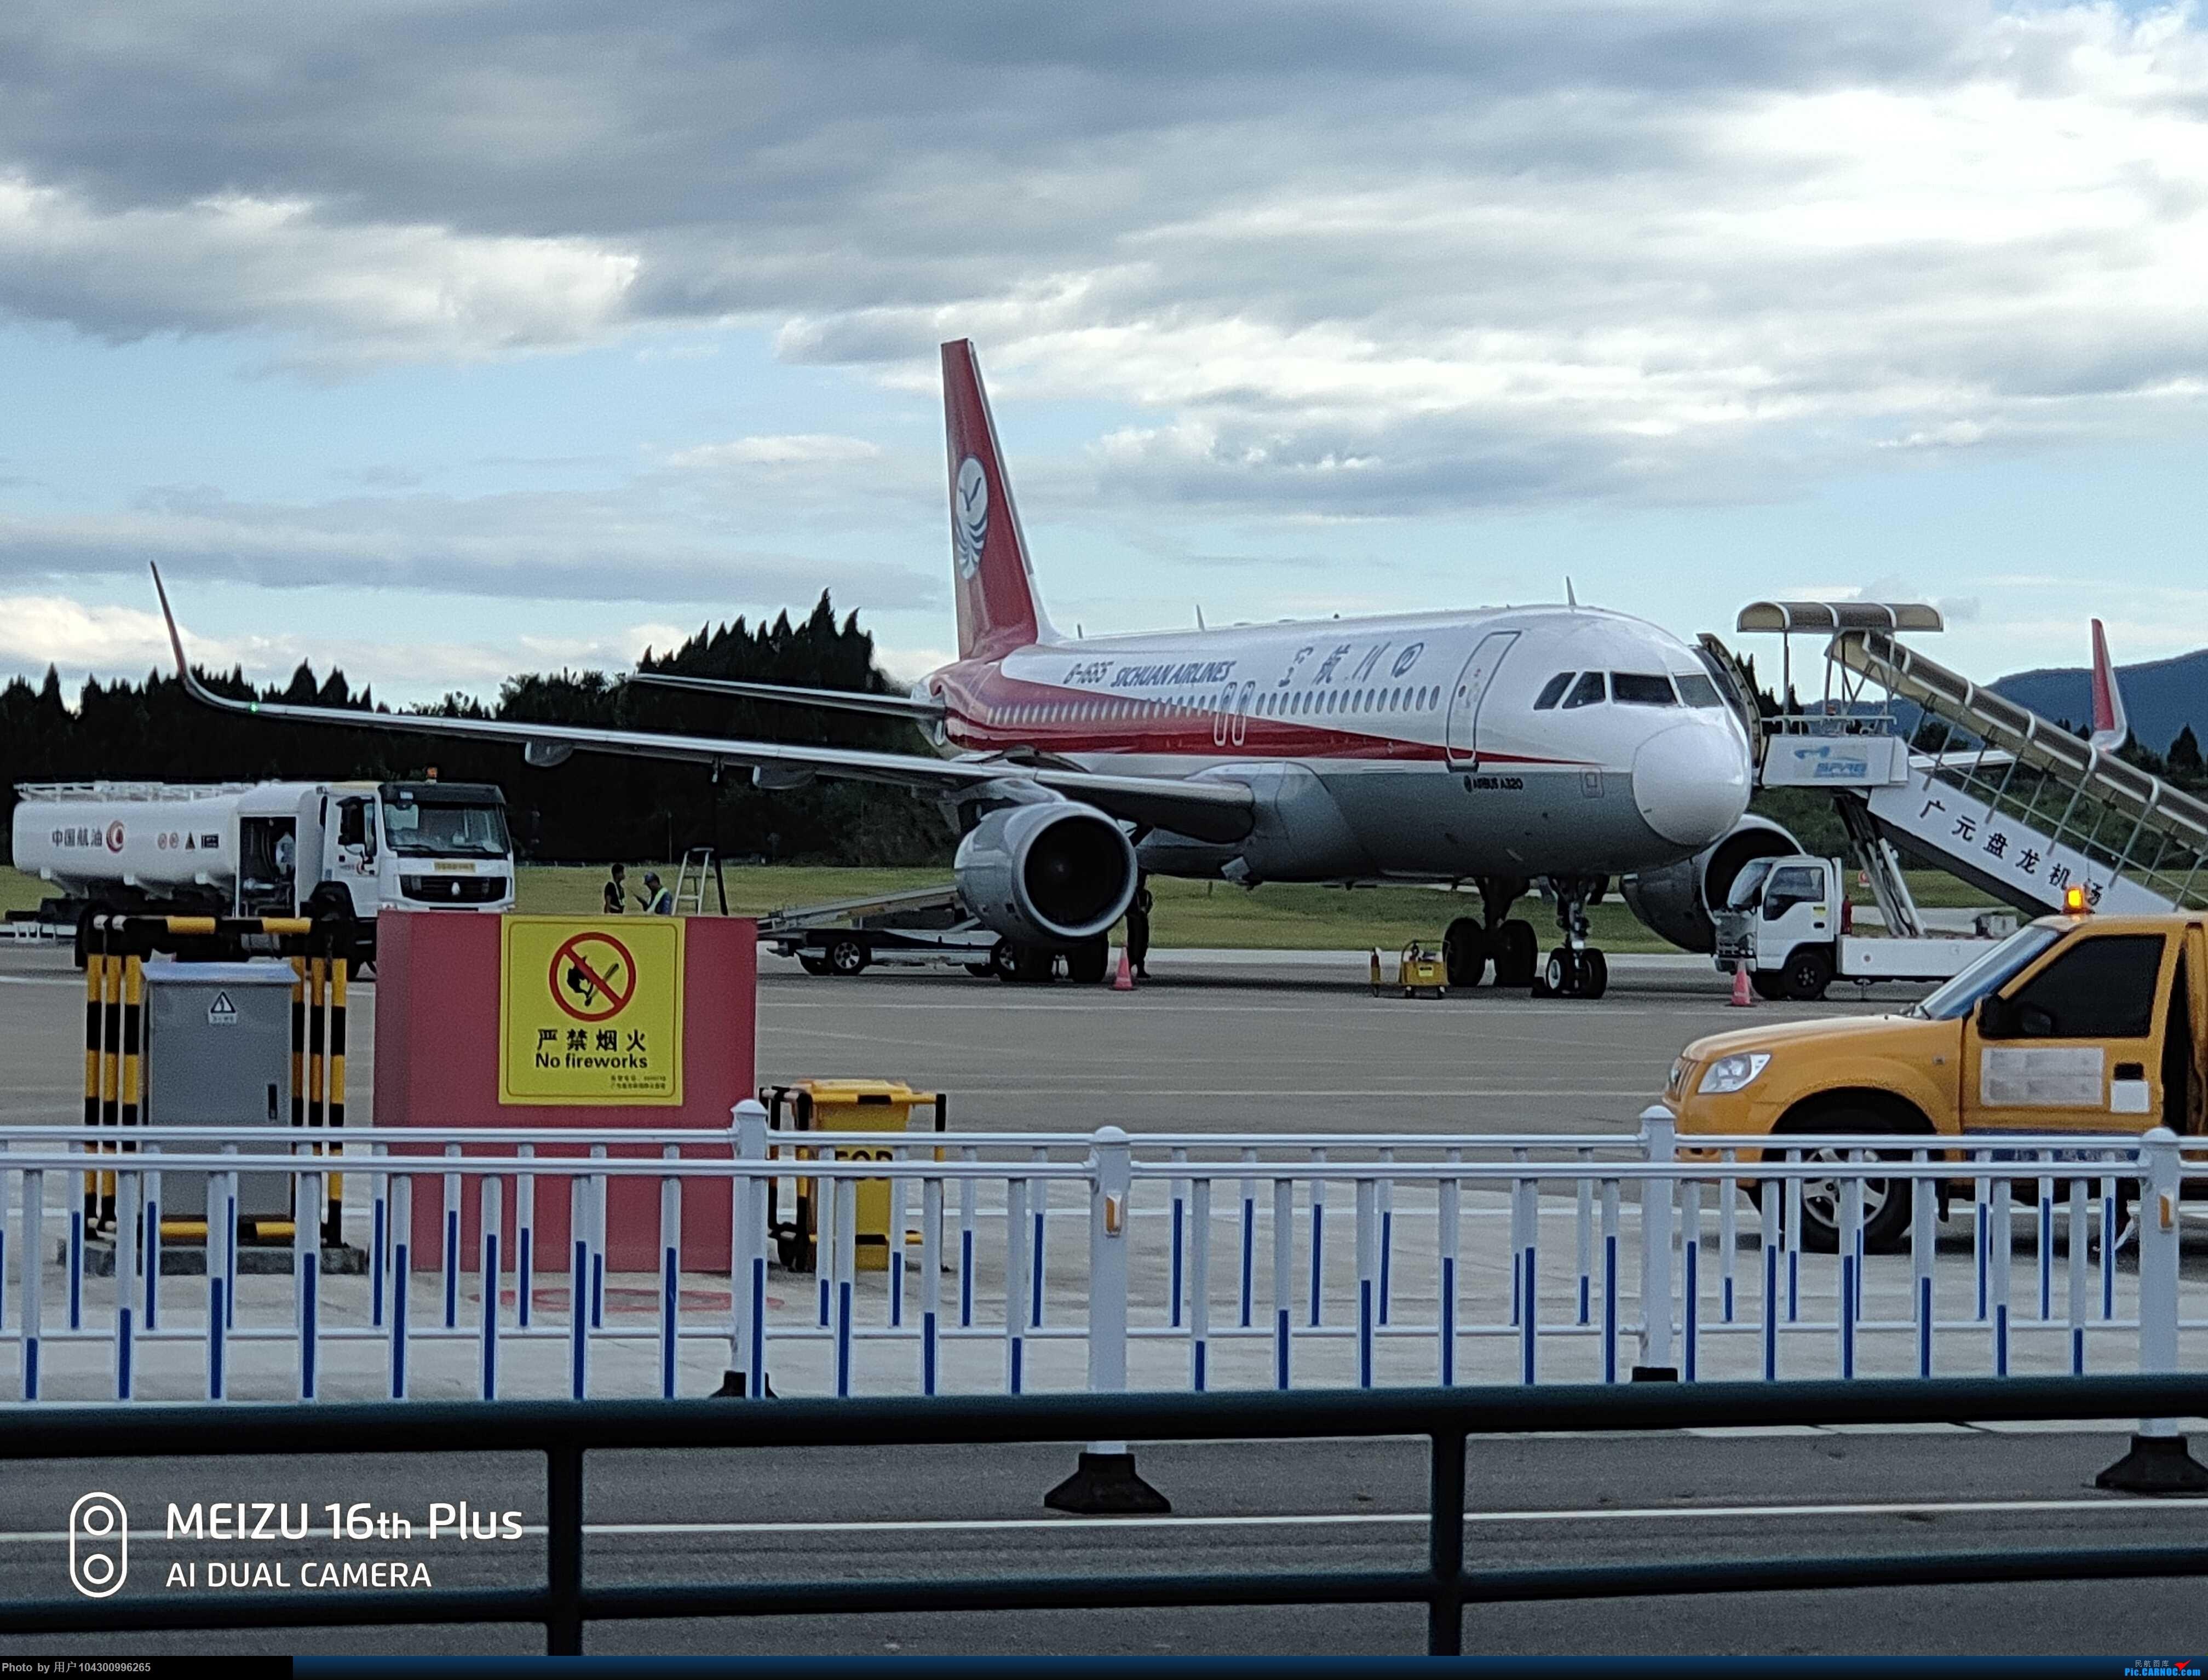 Re:[原创]DM游记之9C广元--贵阳 AIRBUS A320-200 B-1665 中国广元盘龙机场